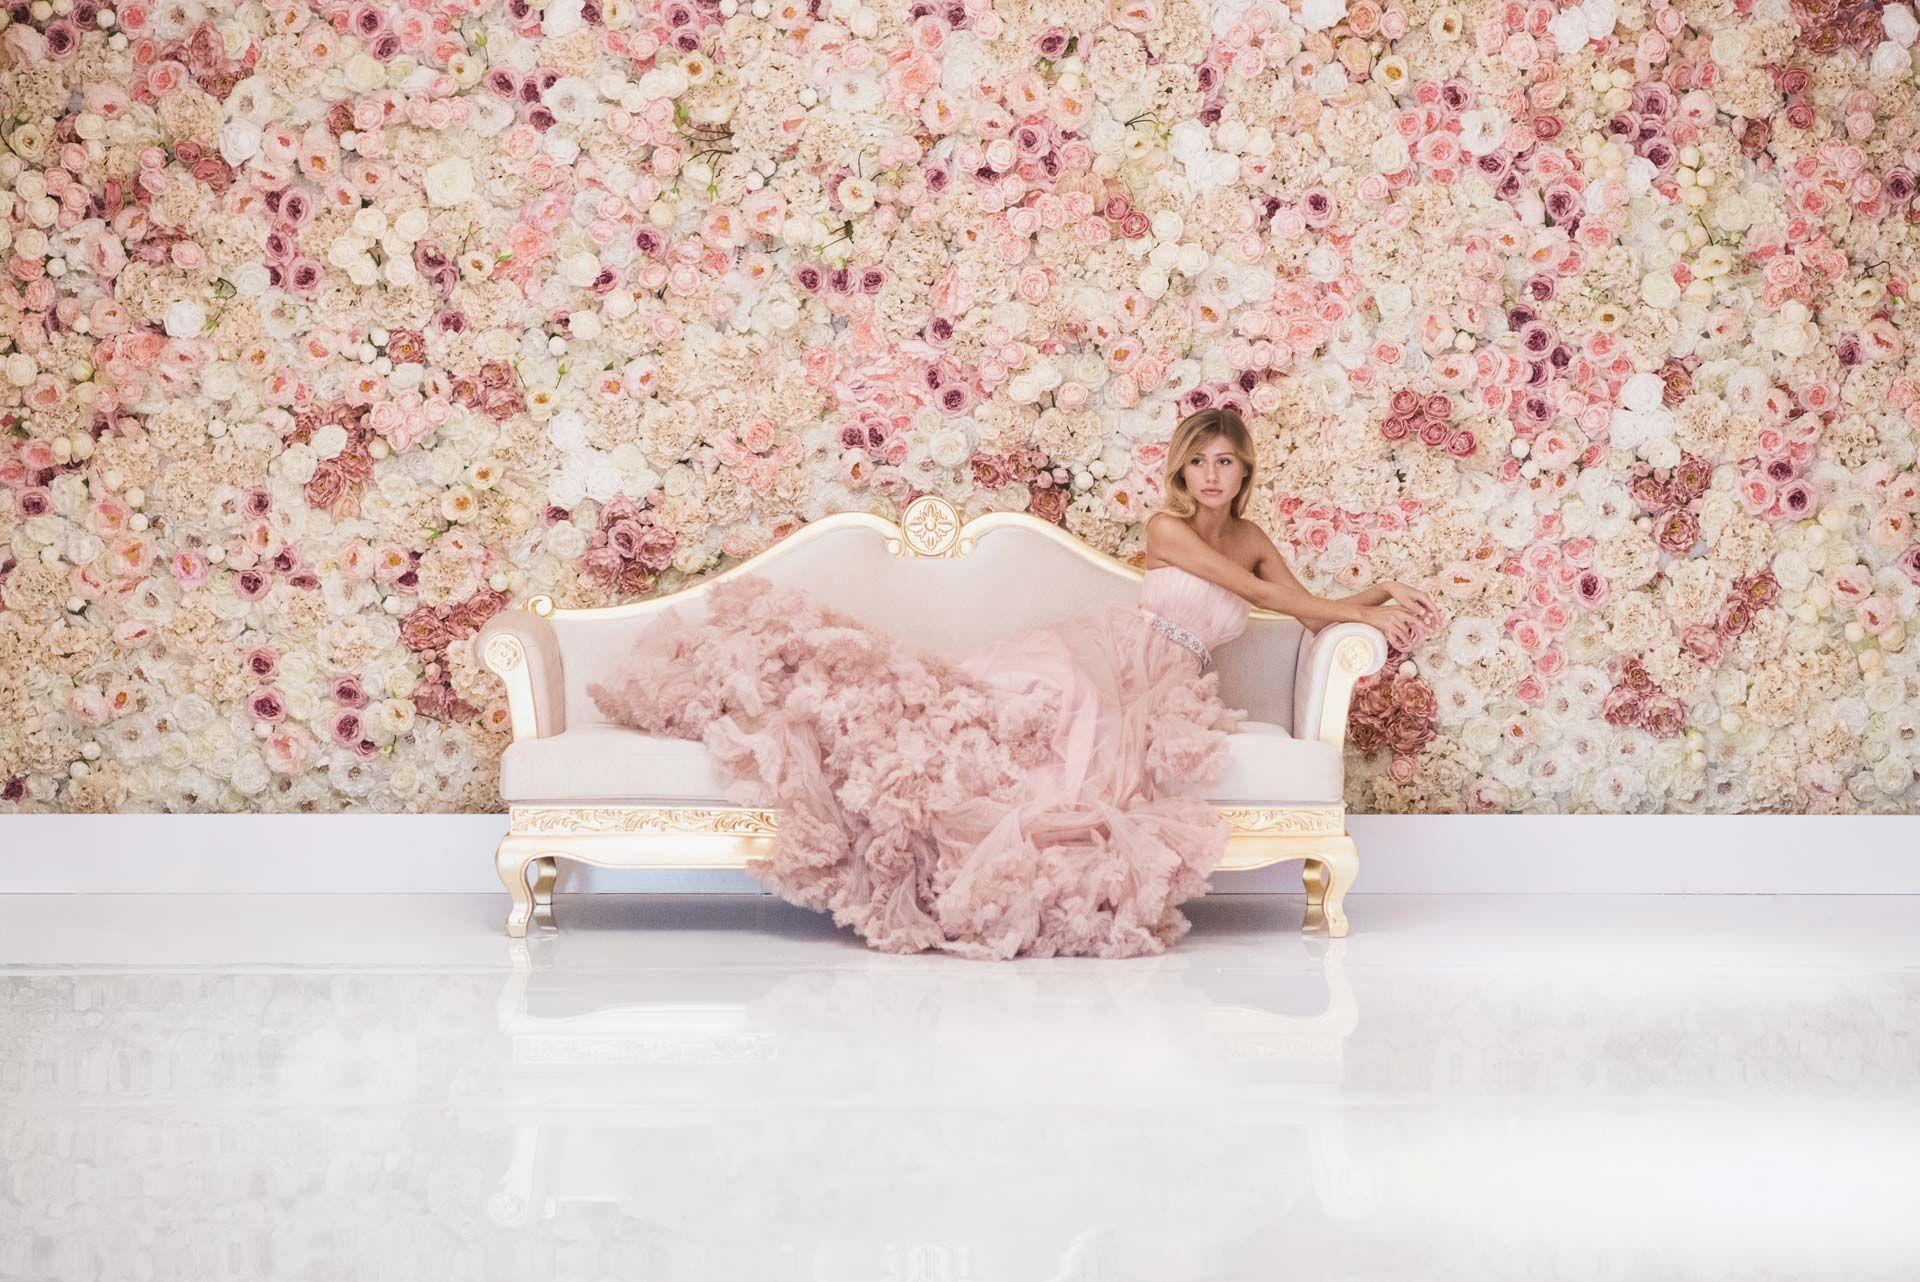 Студия декора Юлии Шакировой, цветочная свадьба, фото 8